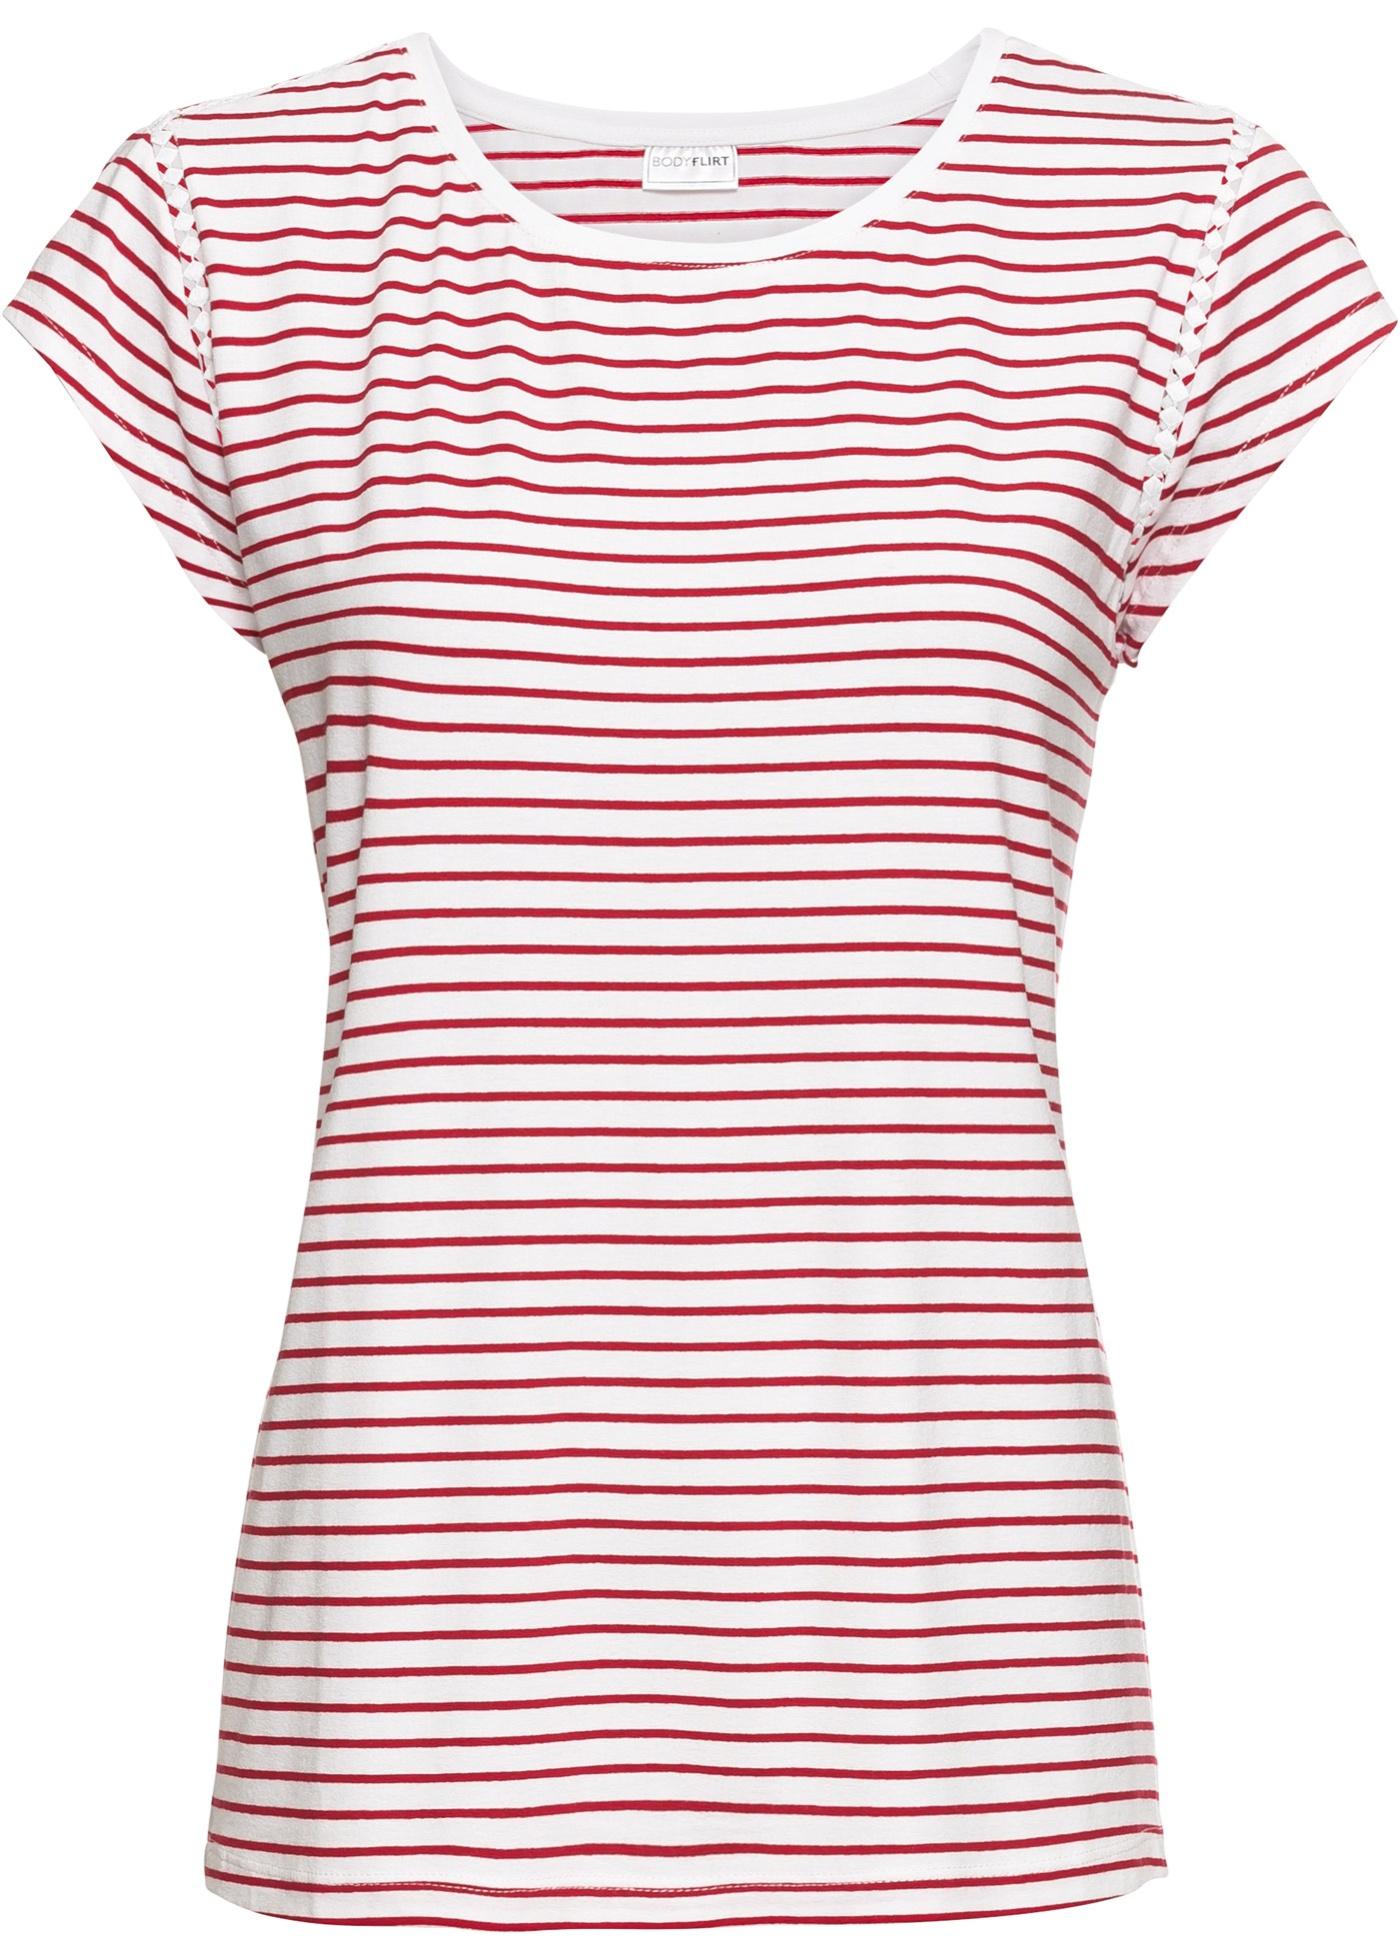 Femme Bodyflirt Courtes Blanc Pour Manches BonprixT shirt VpqUSzM